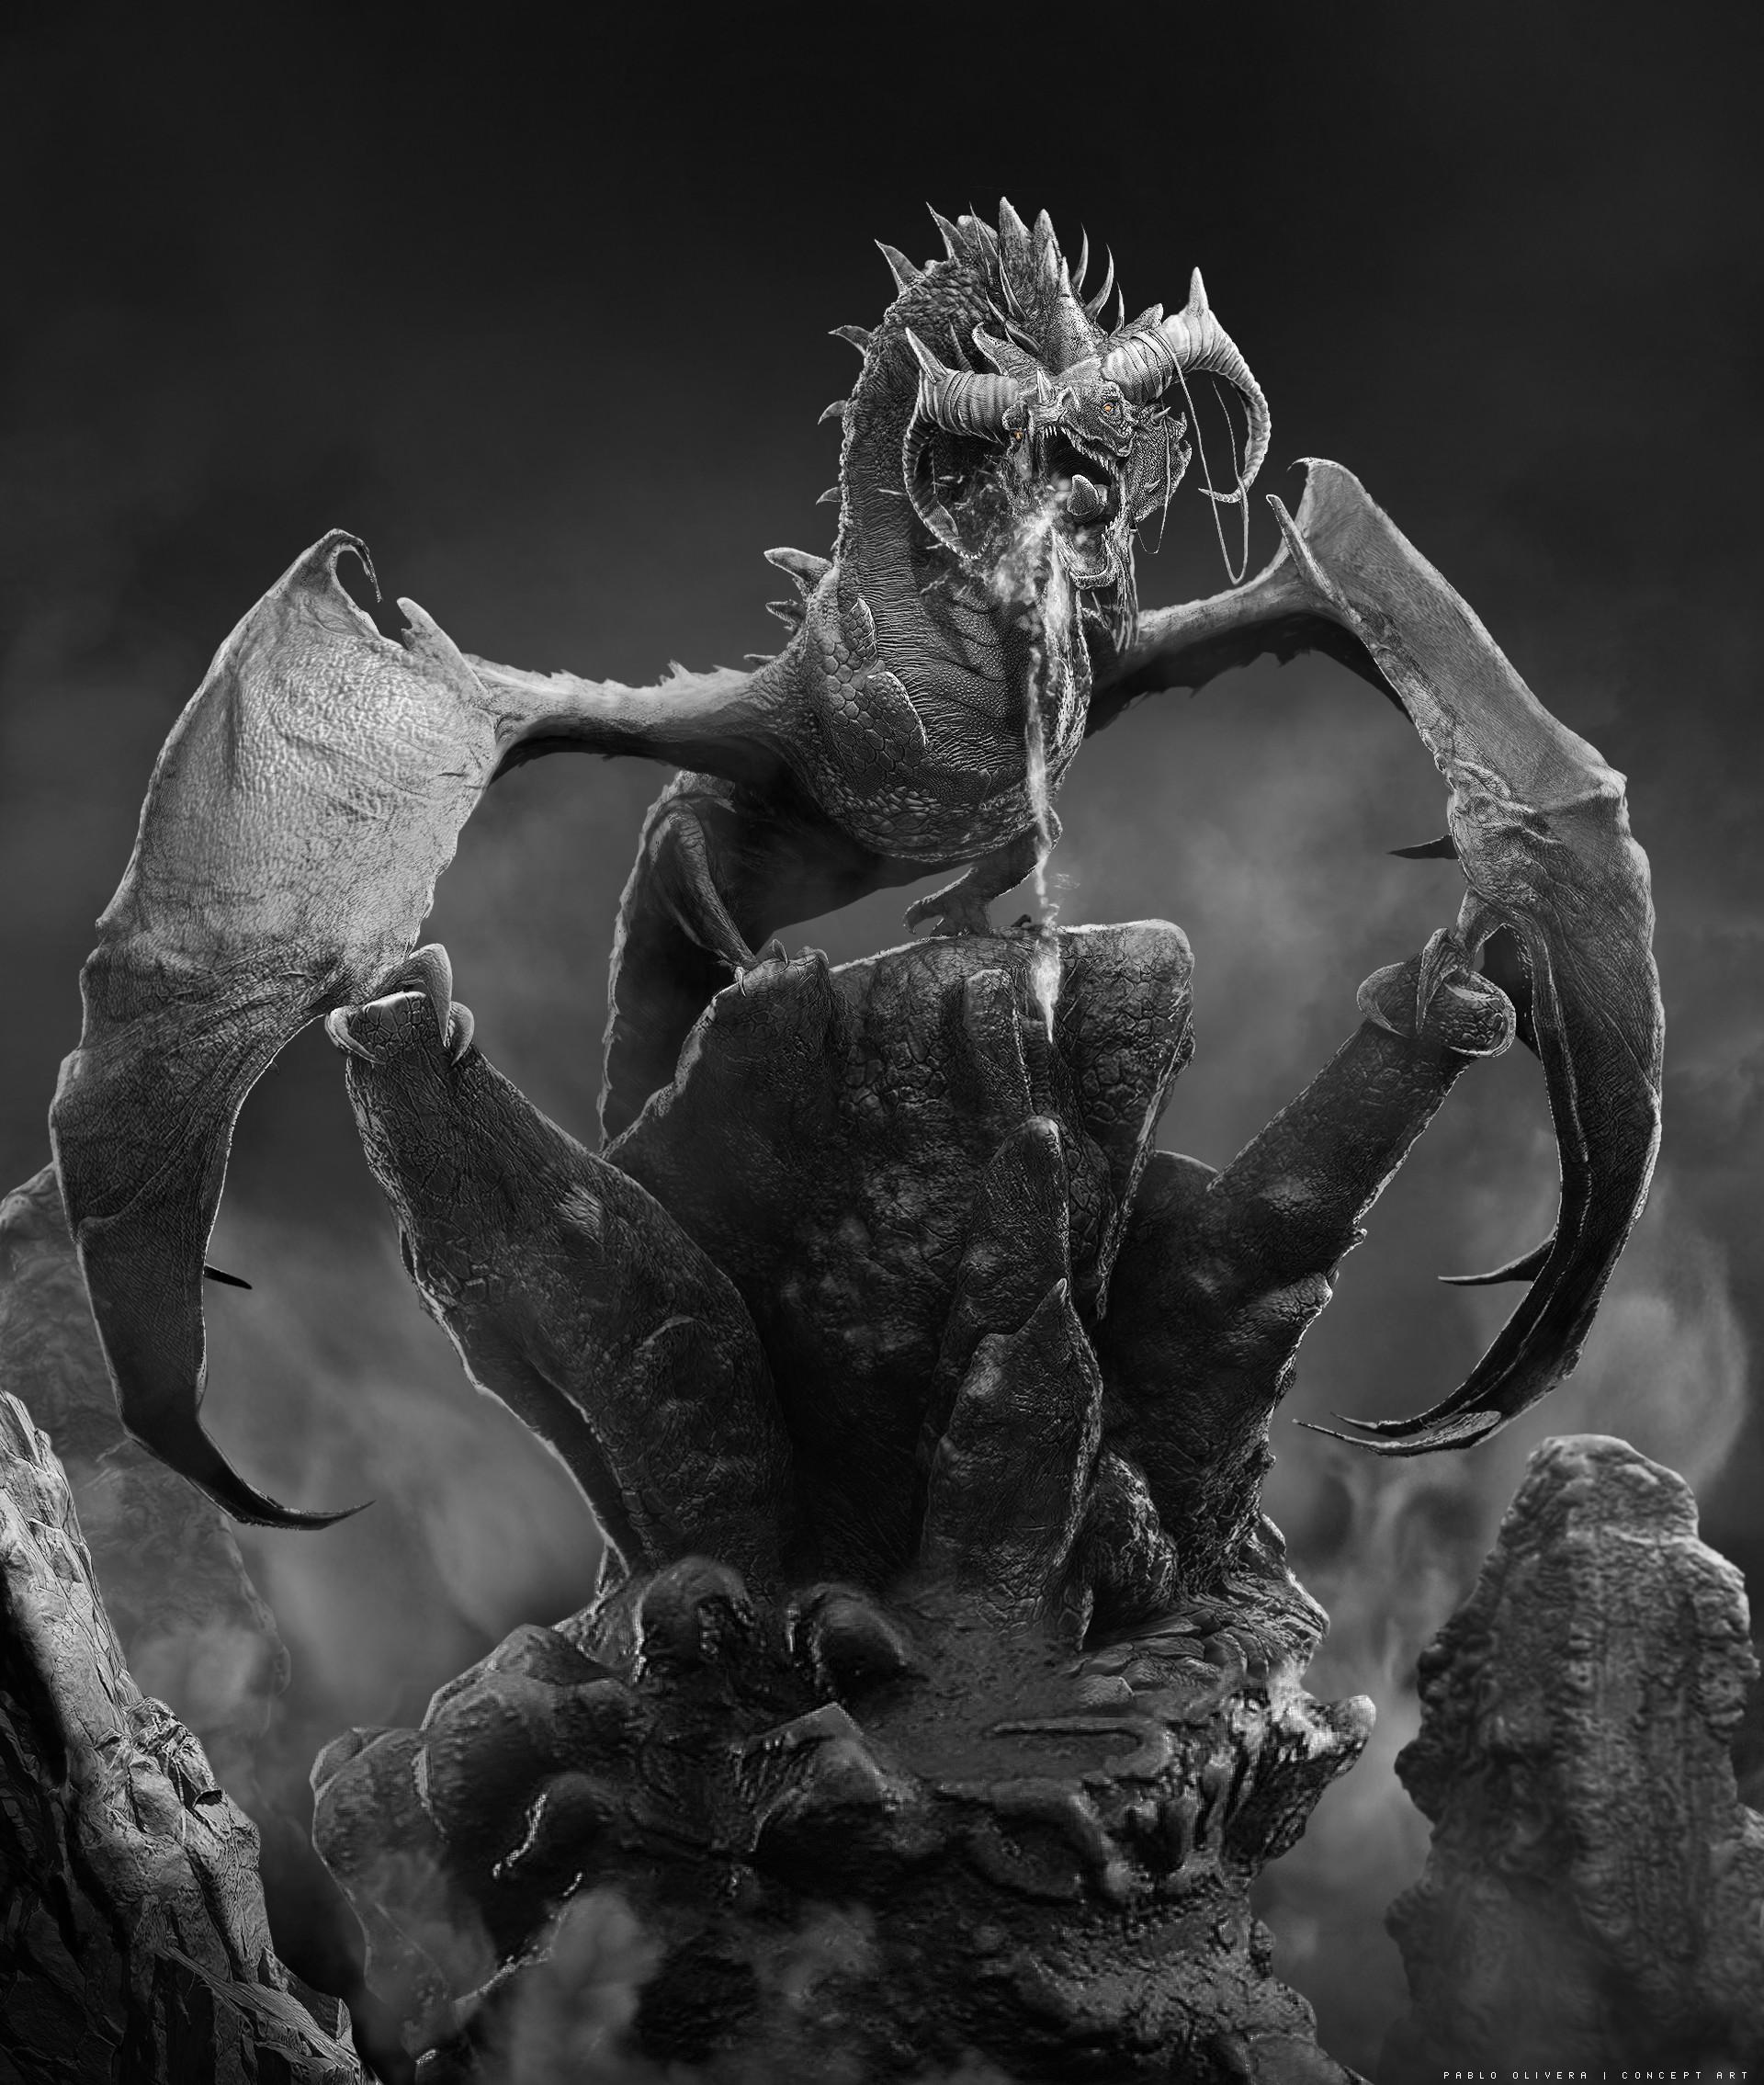 Pablo olivera dragones wacom zbrush 10